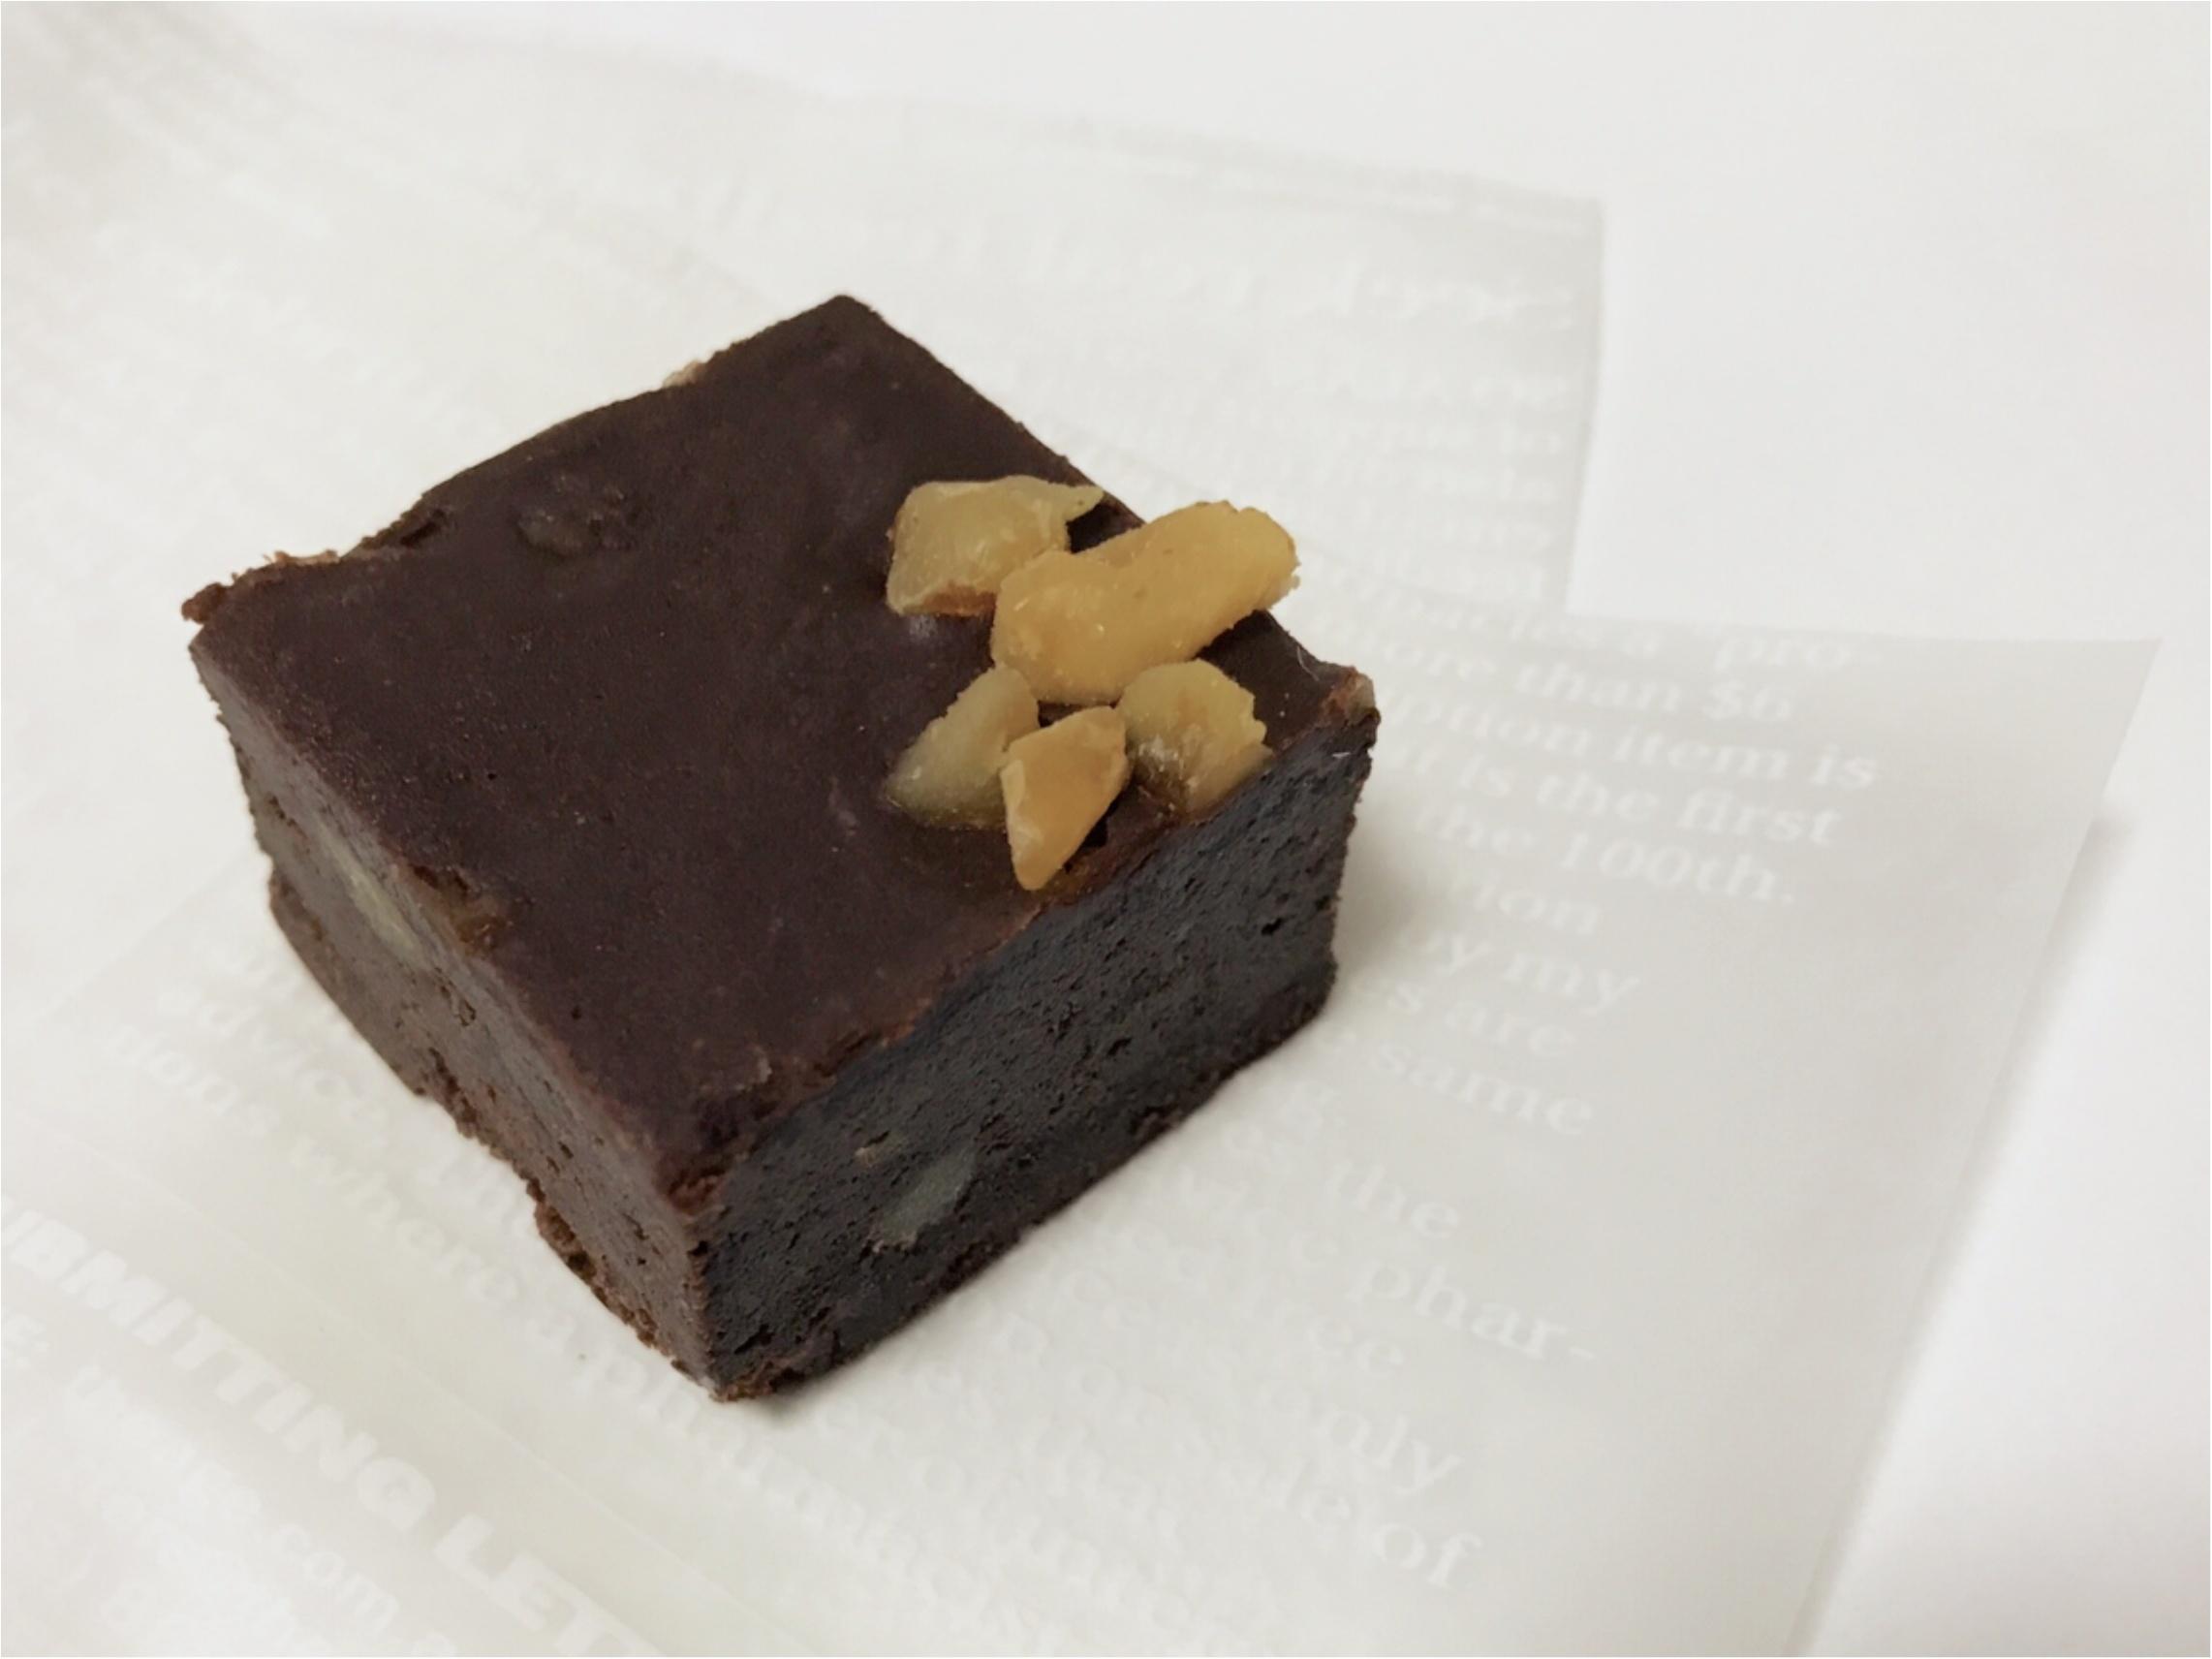 期間限定ショップへ急げ~!Top'sの大人気チョコレートケーキが焼き菓子になって登場!_1